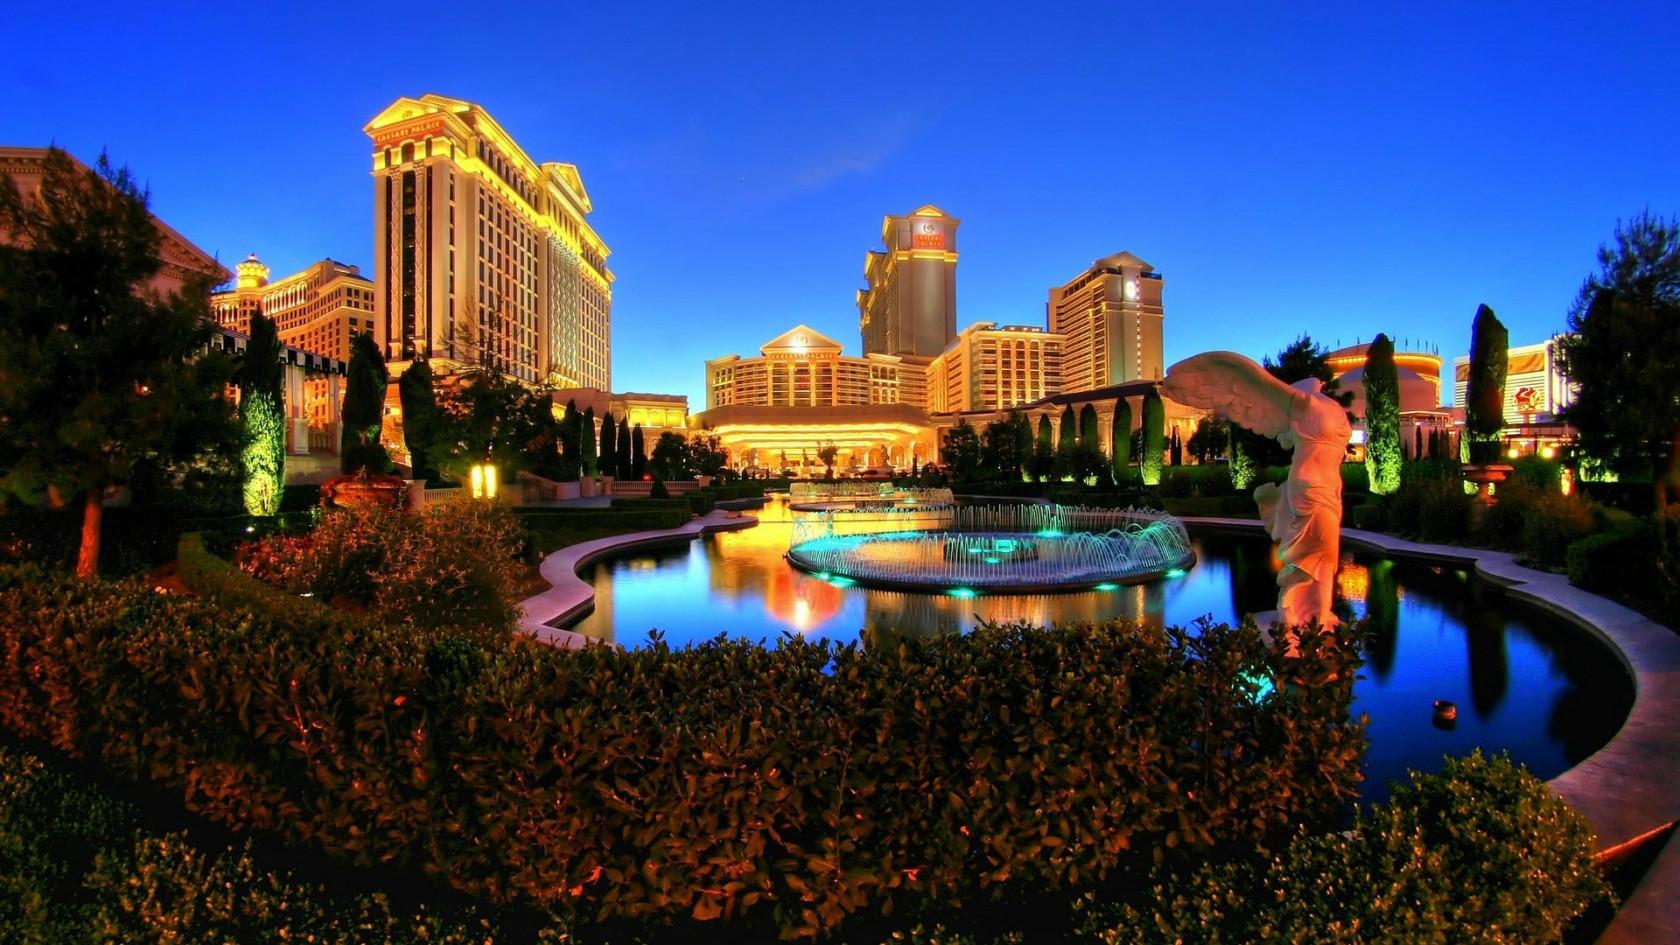 Www 888 com casino